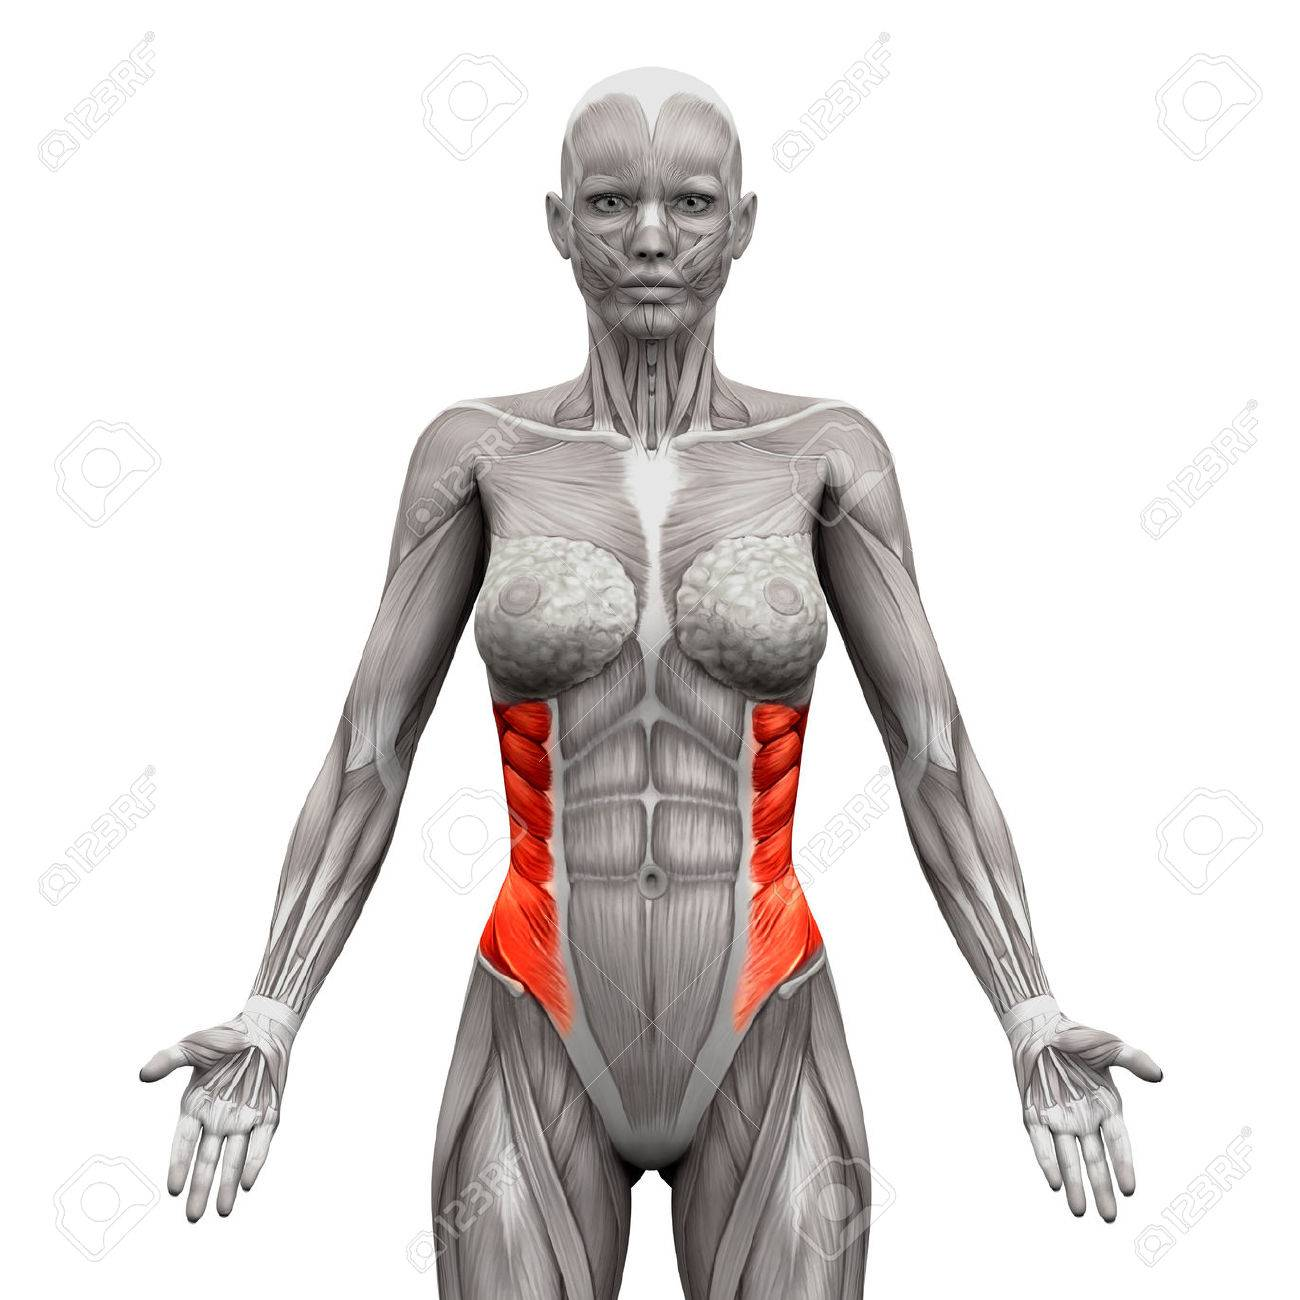 Externe Schrägen Muskeln - Anatomie Muskeln Isoliert Auf Weiß - 3D ...